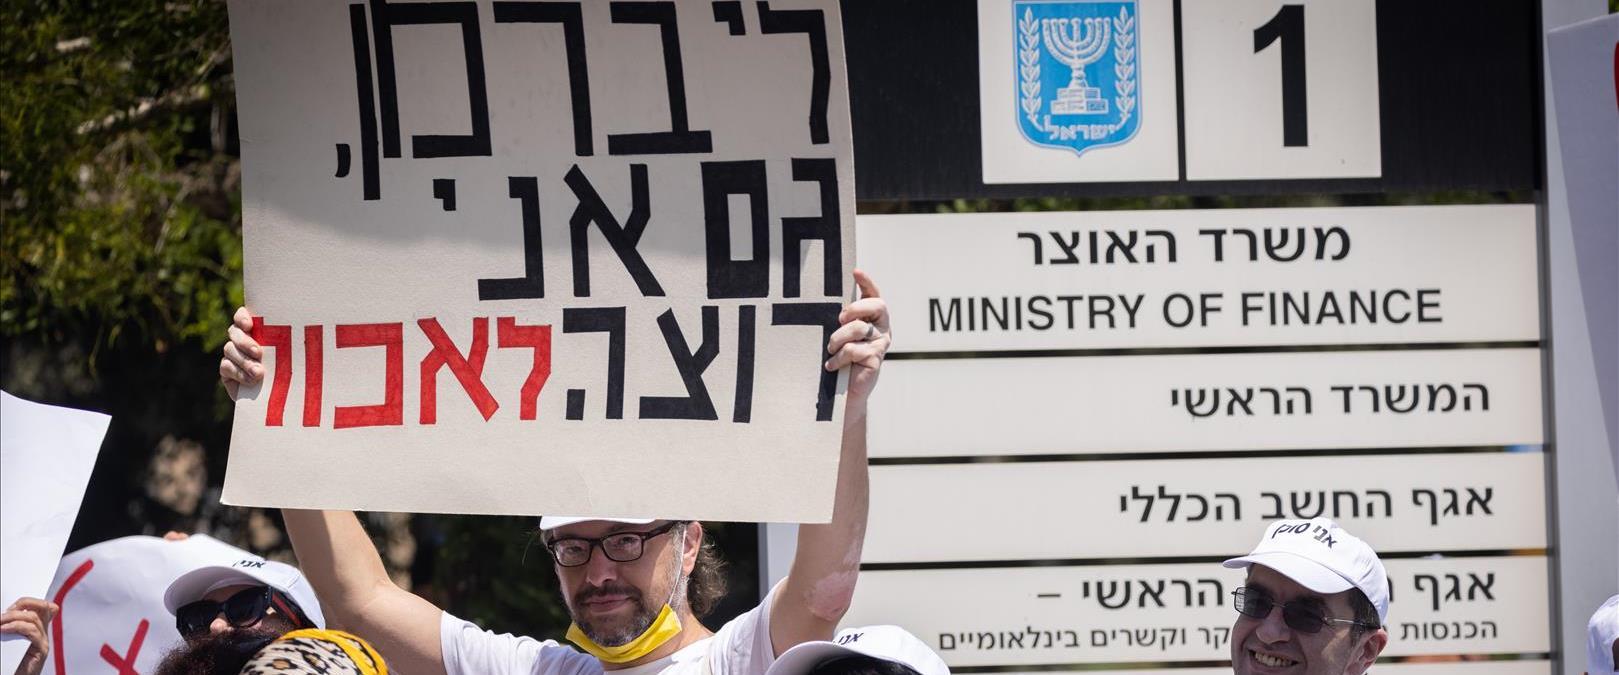 הפגנה מול משרד האוצר